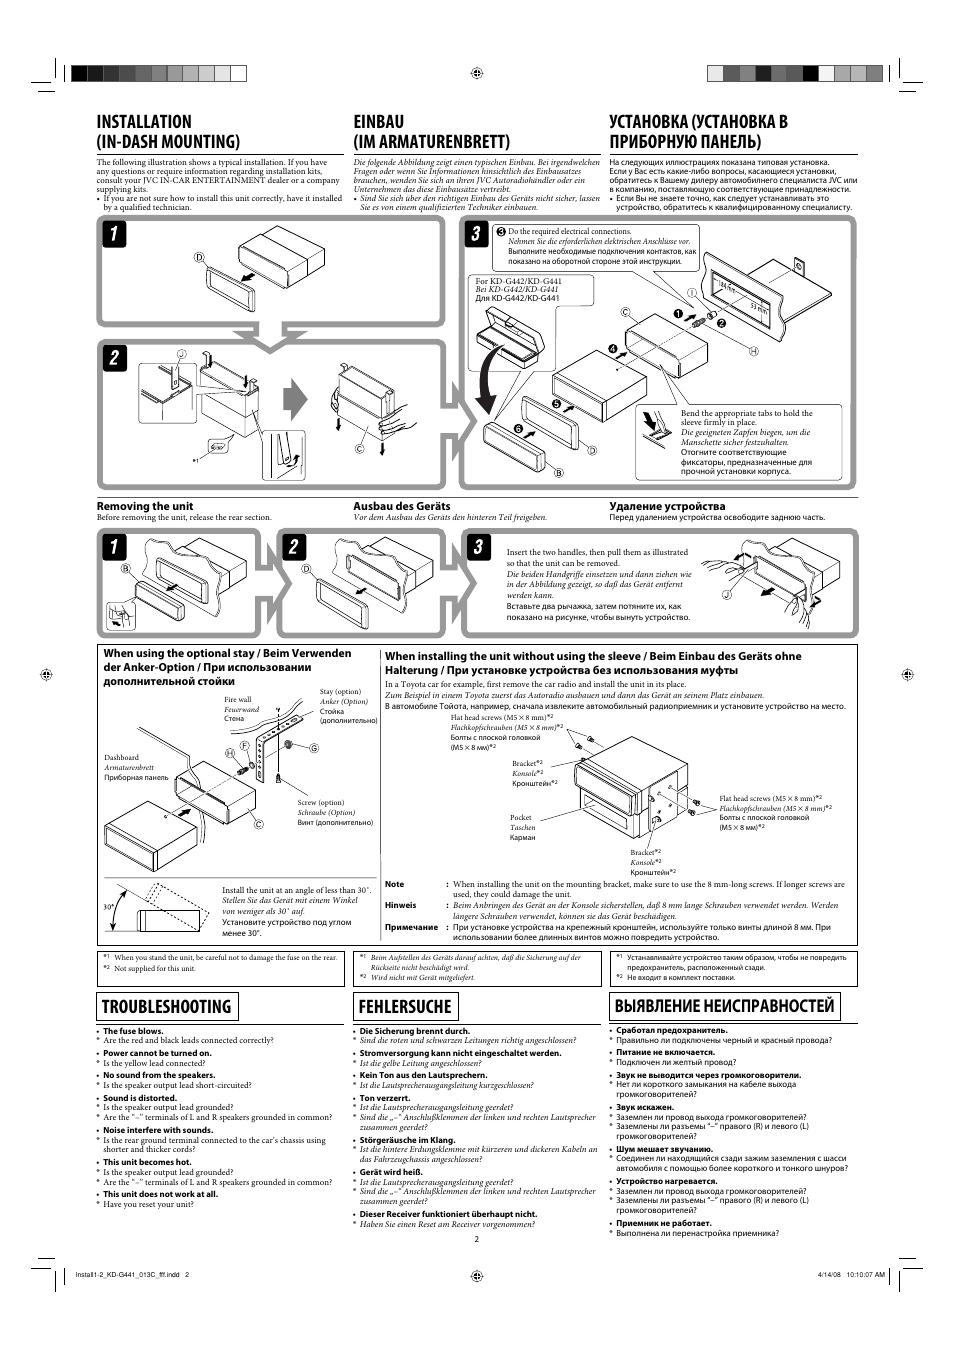 Installation (in-dash mounting), Einbau (im armaturenbrett), Установка (